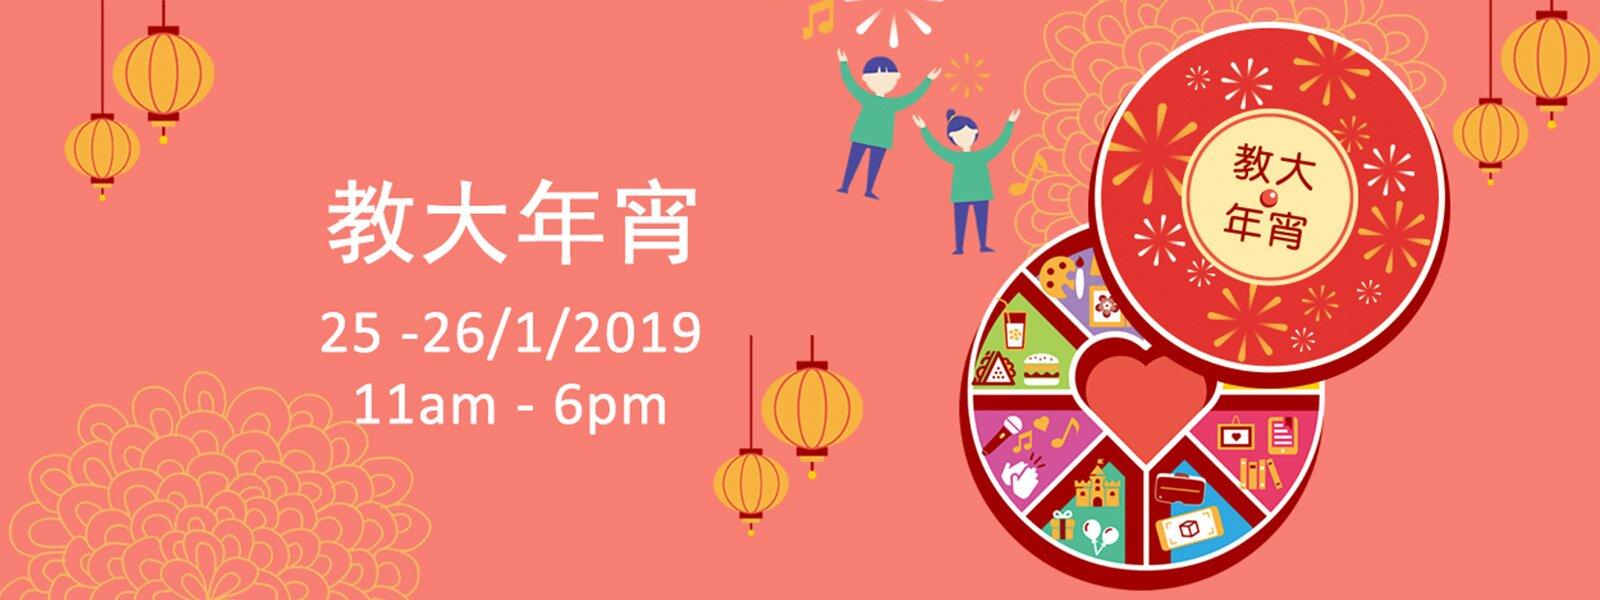 CNY fair www banner-chi